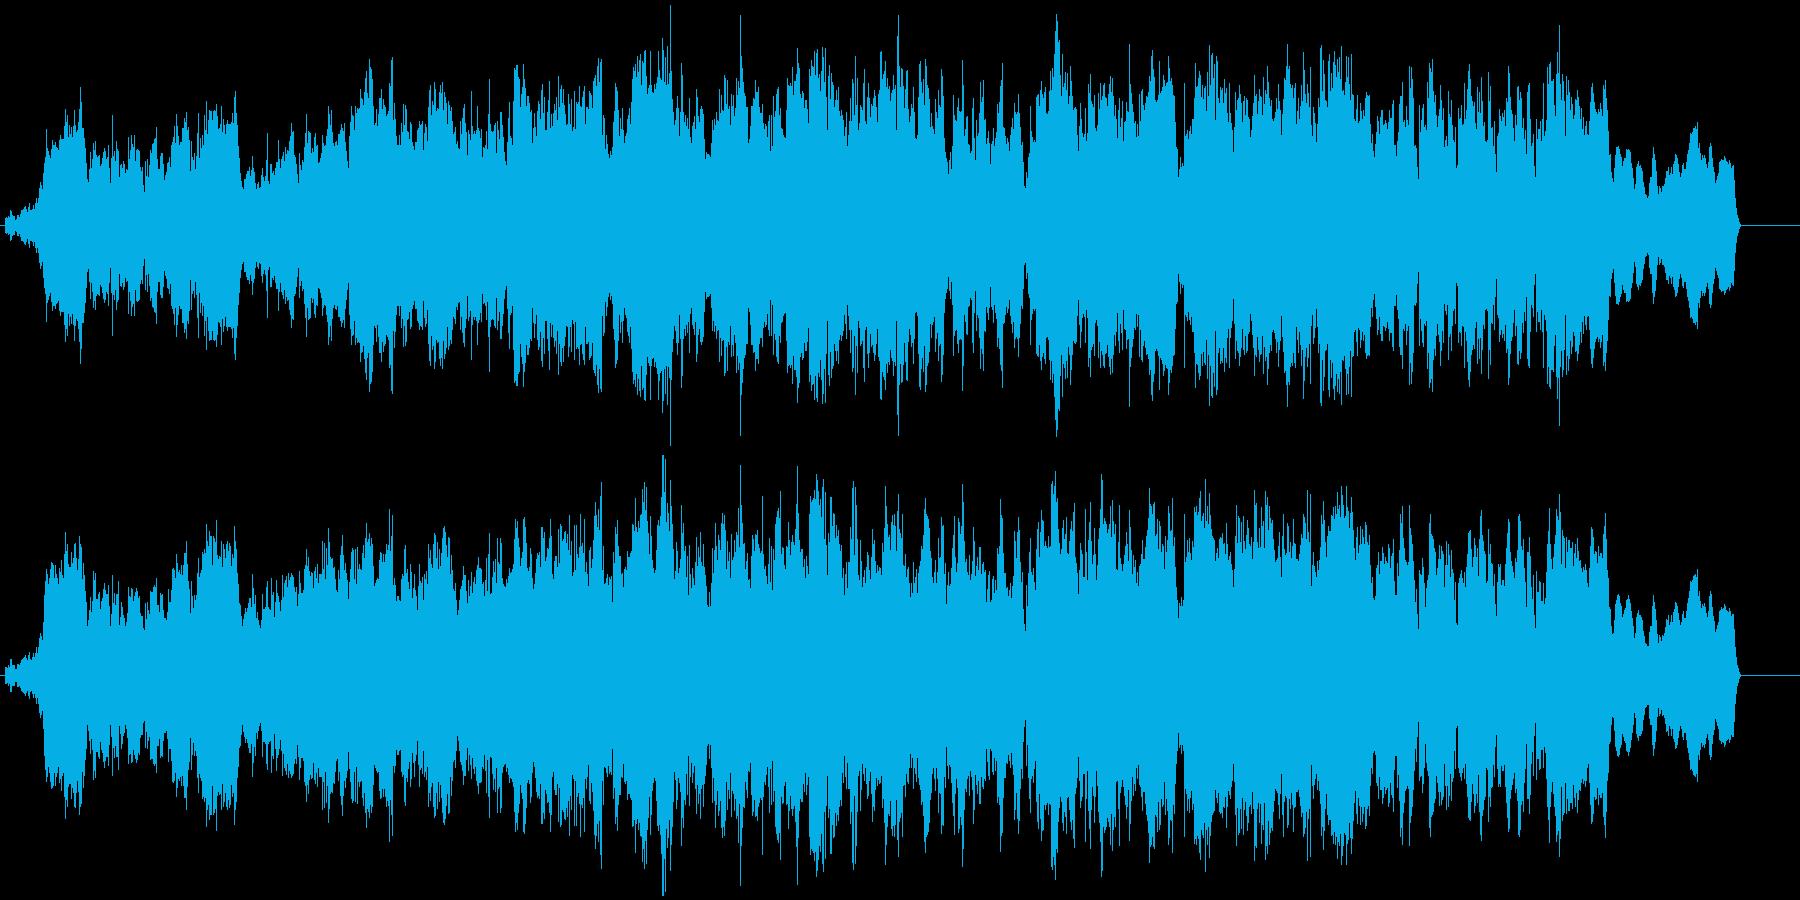 冒険の始まりを予感するBGMの再生済みの波形